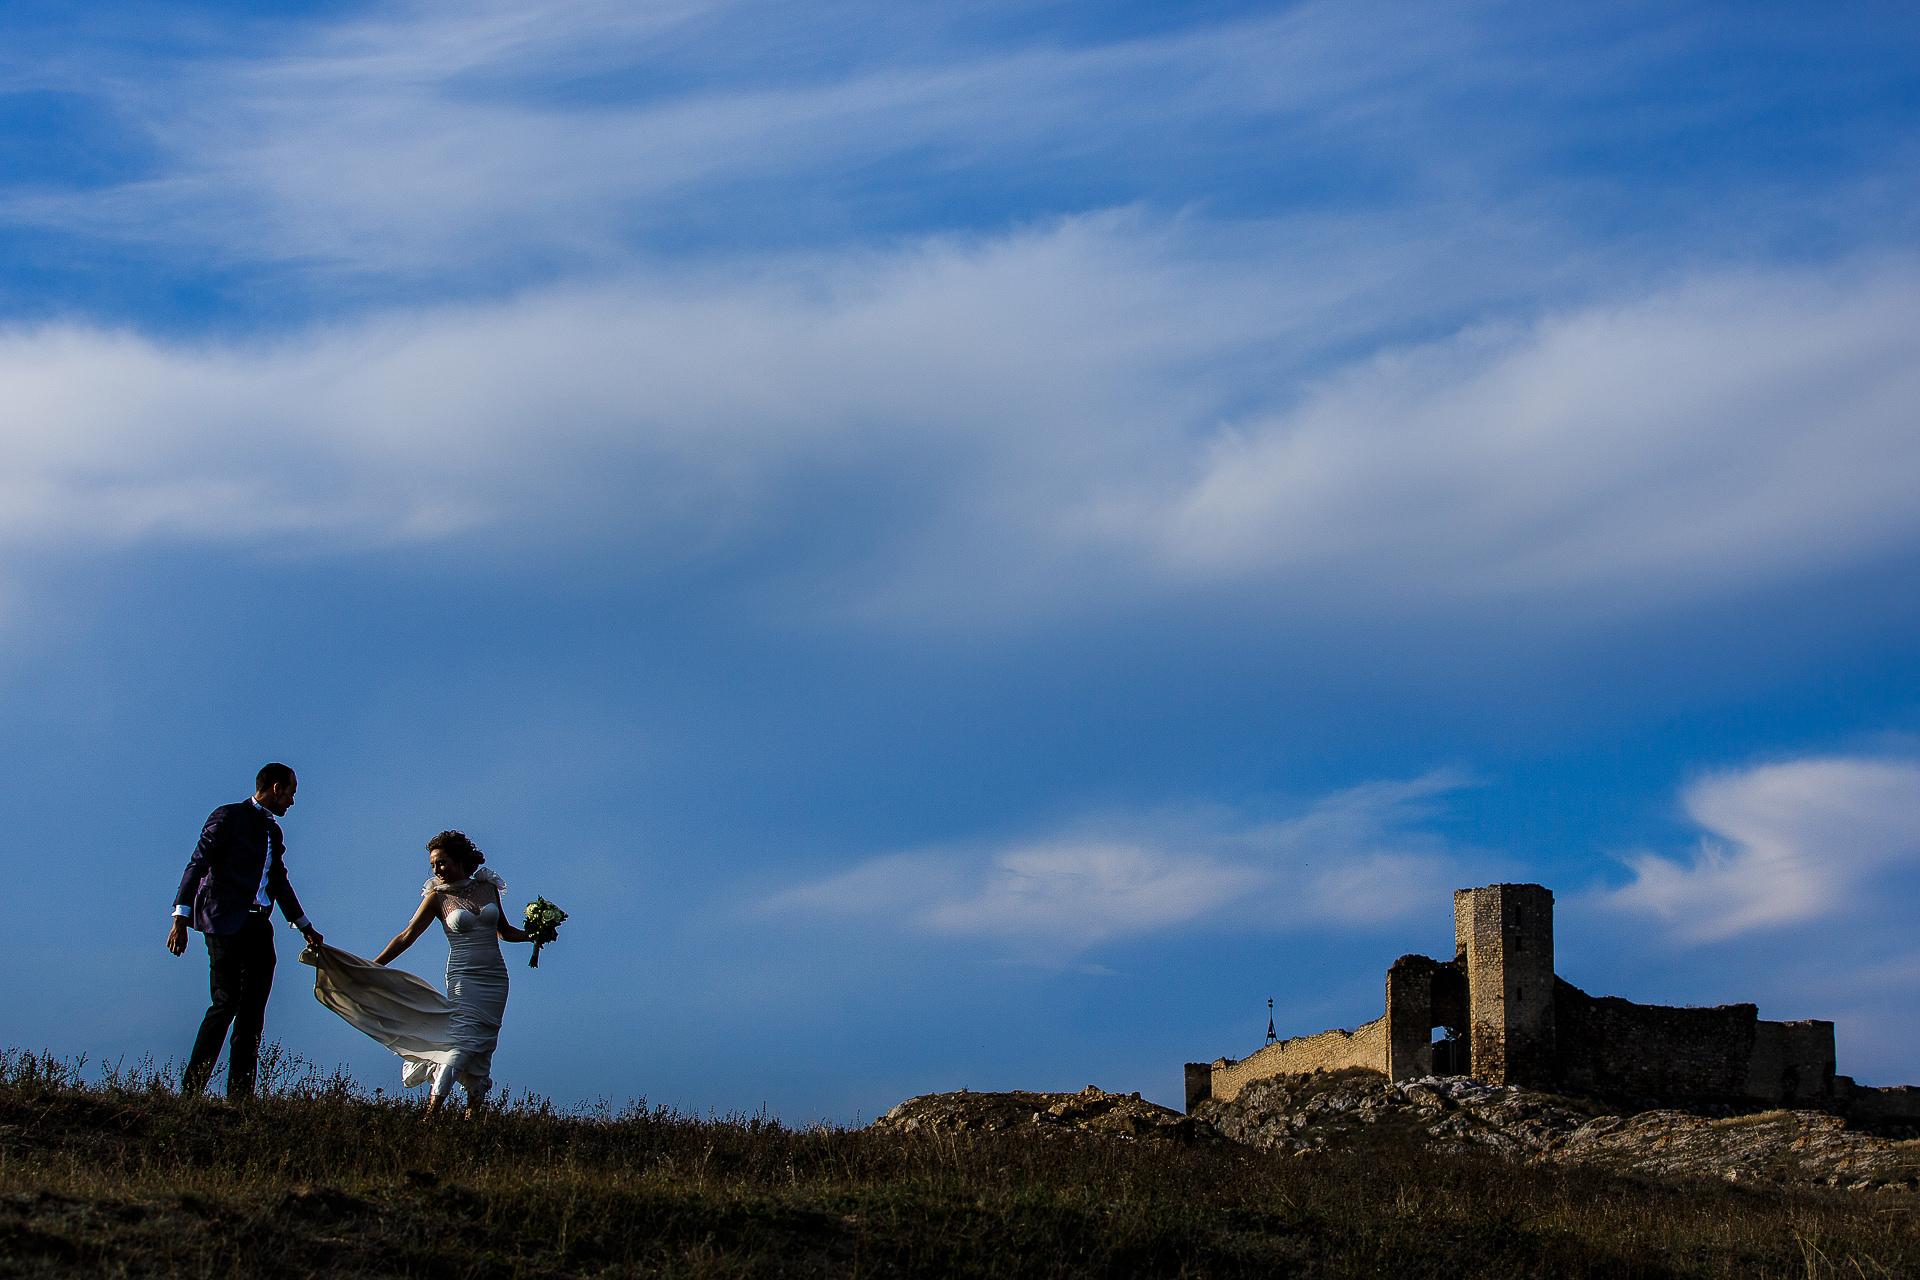 Şedinţă foto Trash The Dress - după nuntă la Cetatea Enisala, Tulcea - România - cu Mihaela şi Octavian - Mihai Zaharia Photography - 07